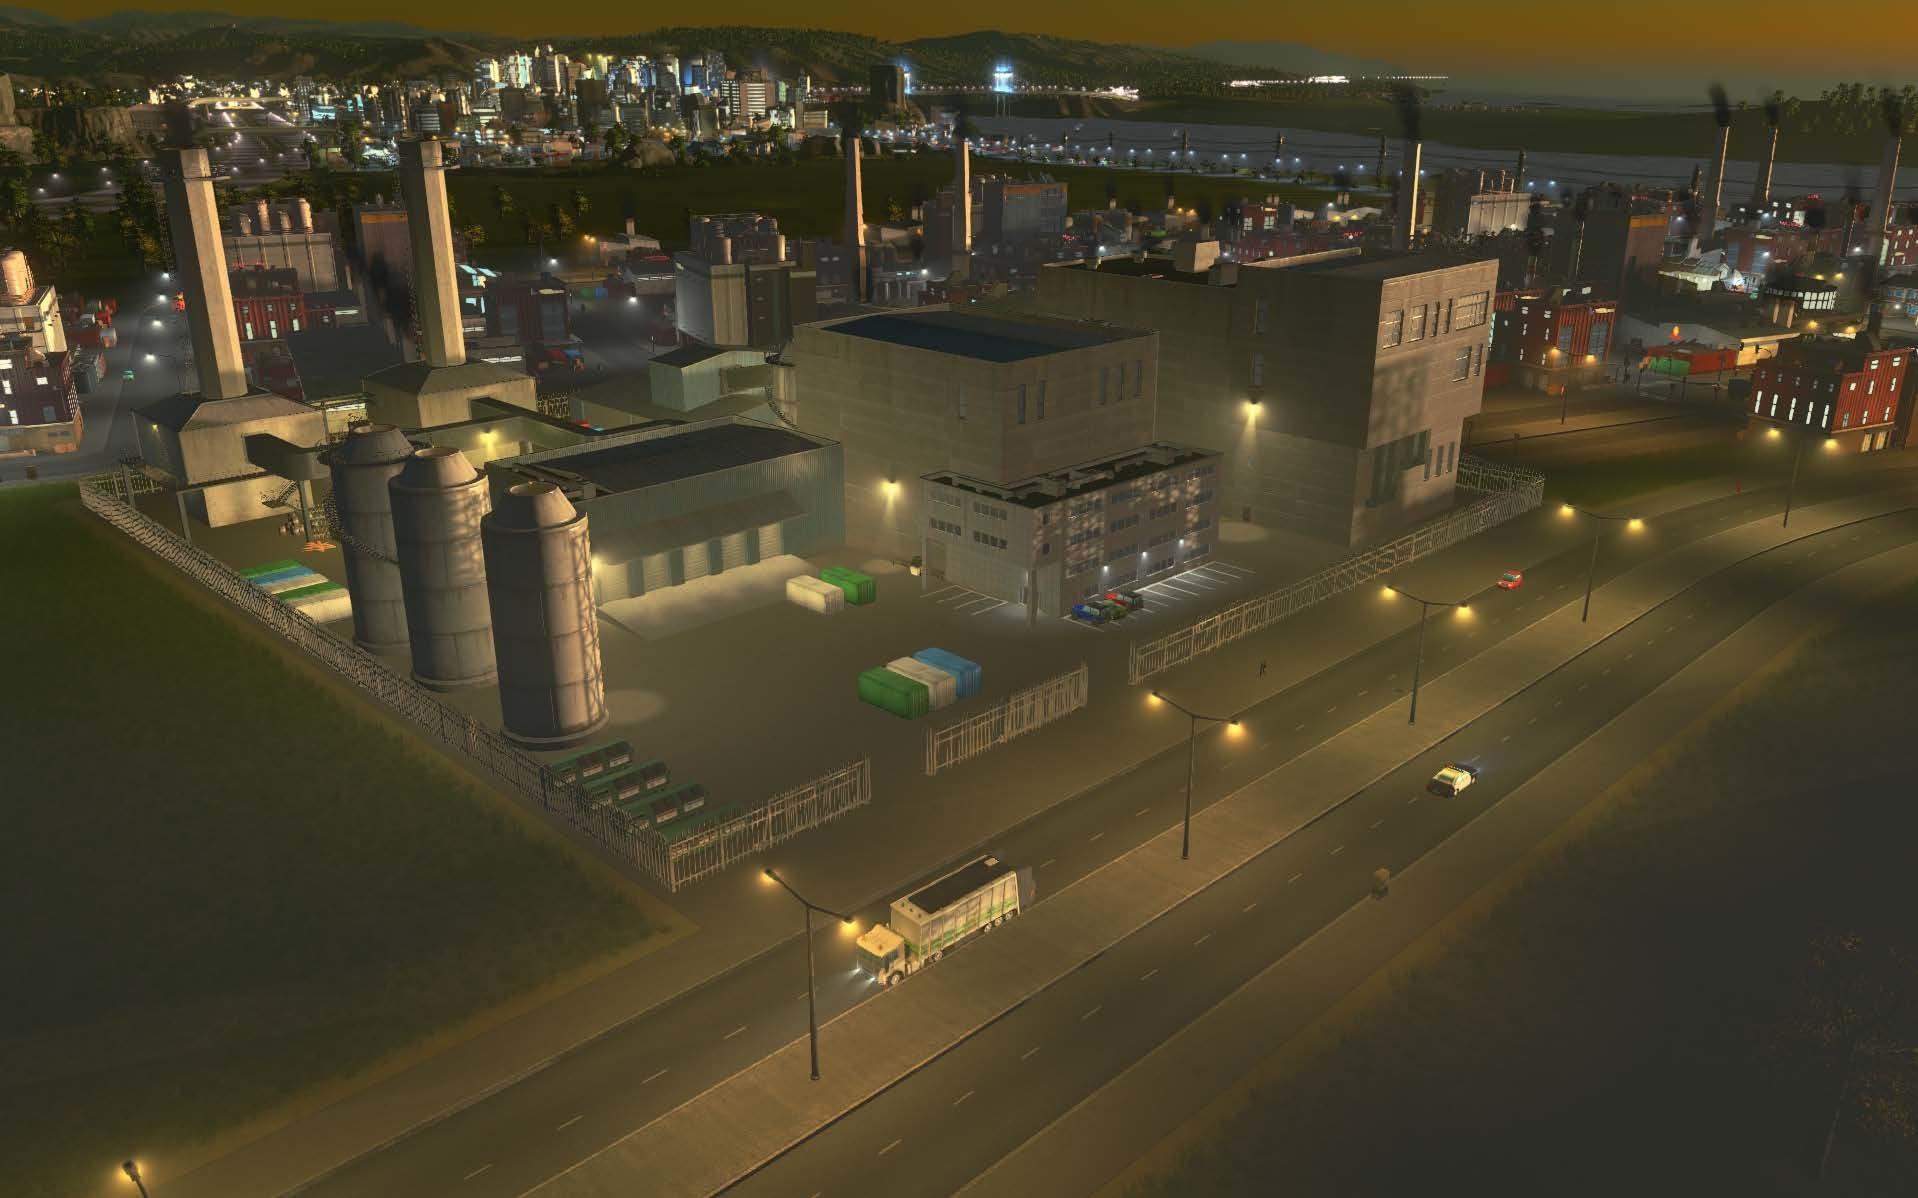 Um complexo de processamento de resíduos em um local perfeito para o processamento de lixo: longe da cidade, em um distrito industrial.